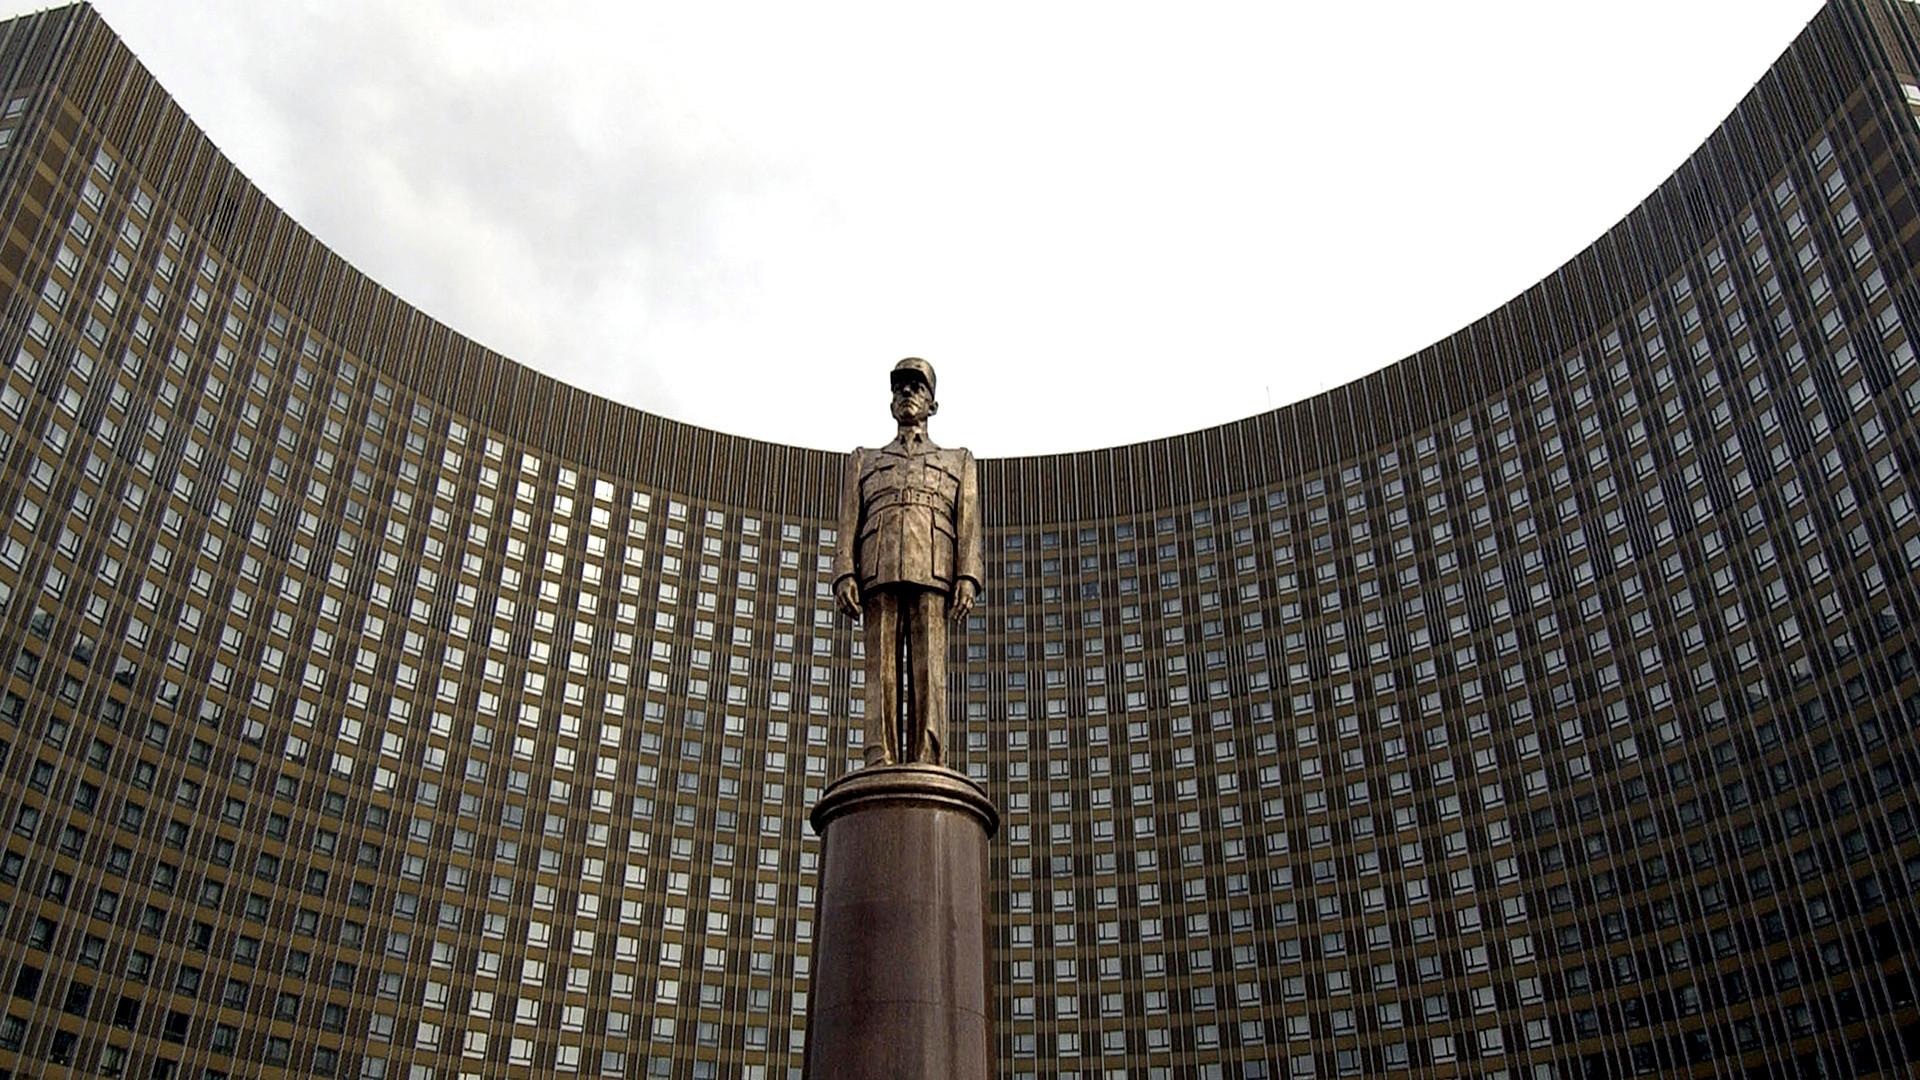 シャルル・ド・ゴールの記念碑